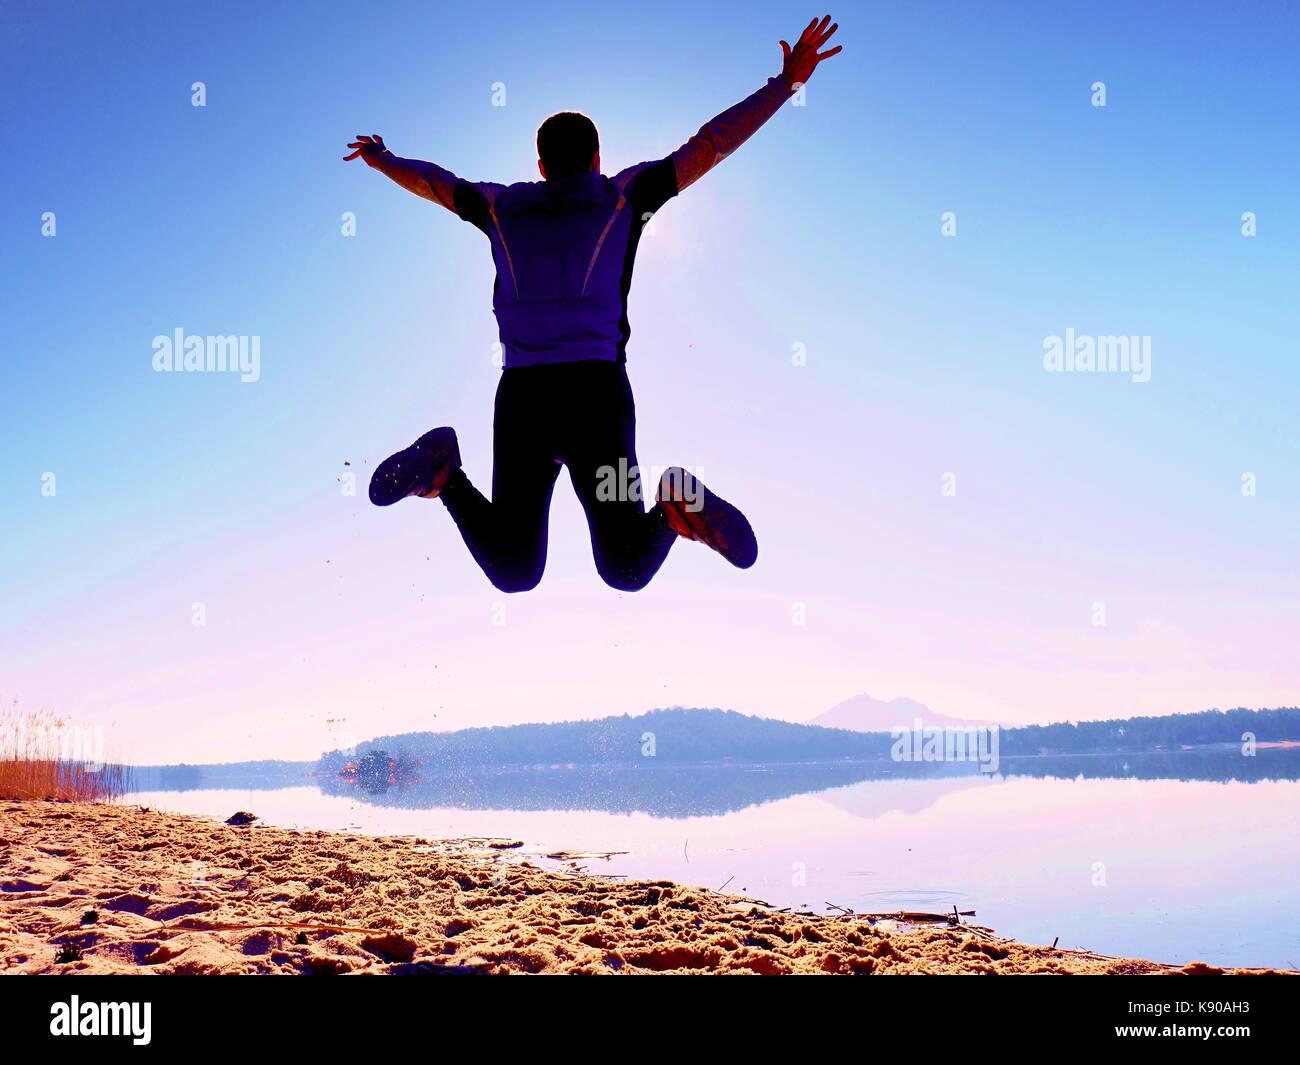 Crazy Man jumping on beach. sportsman battant sur plage pendant l'incroyable lever du soleil au dessus de l'horizon Photo Stock